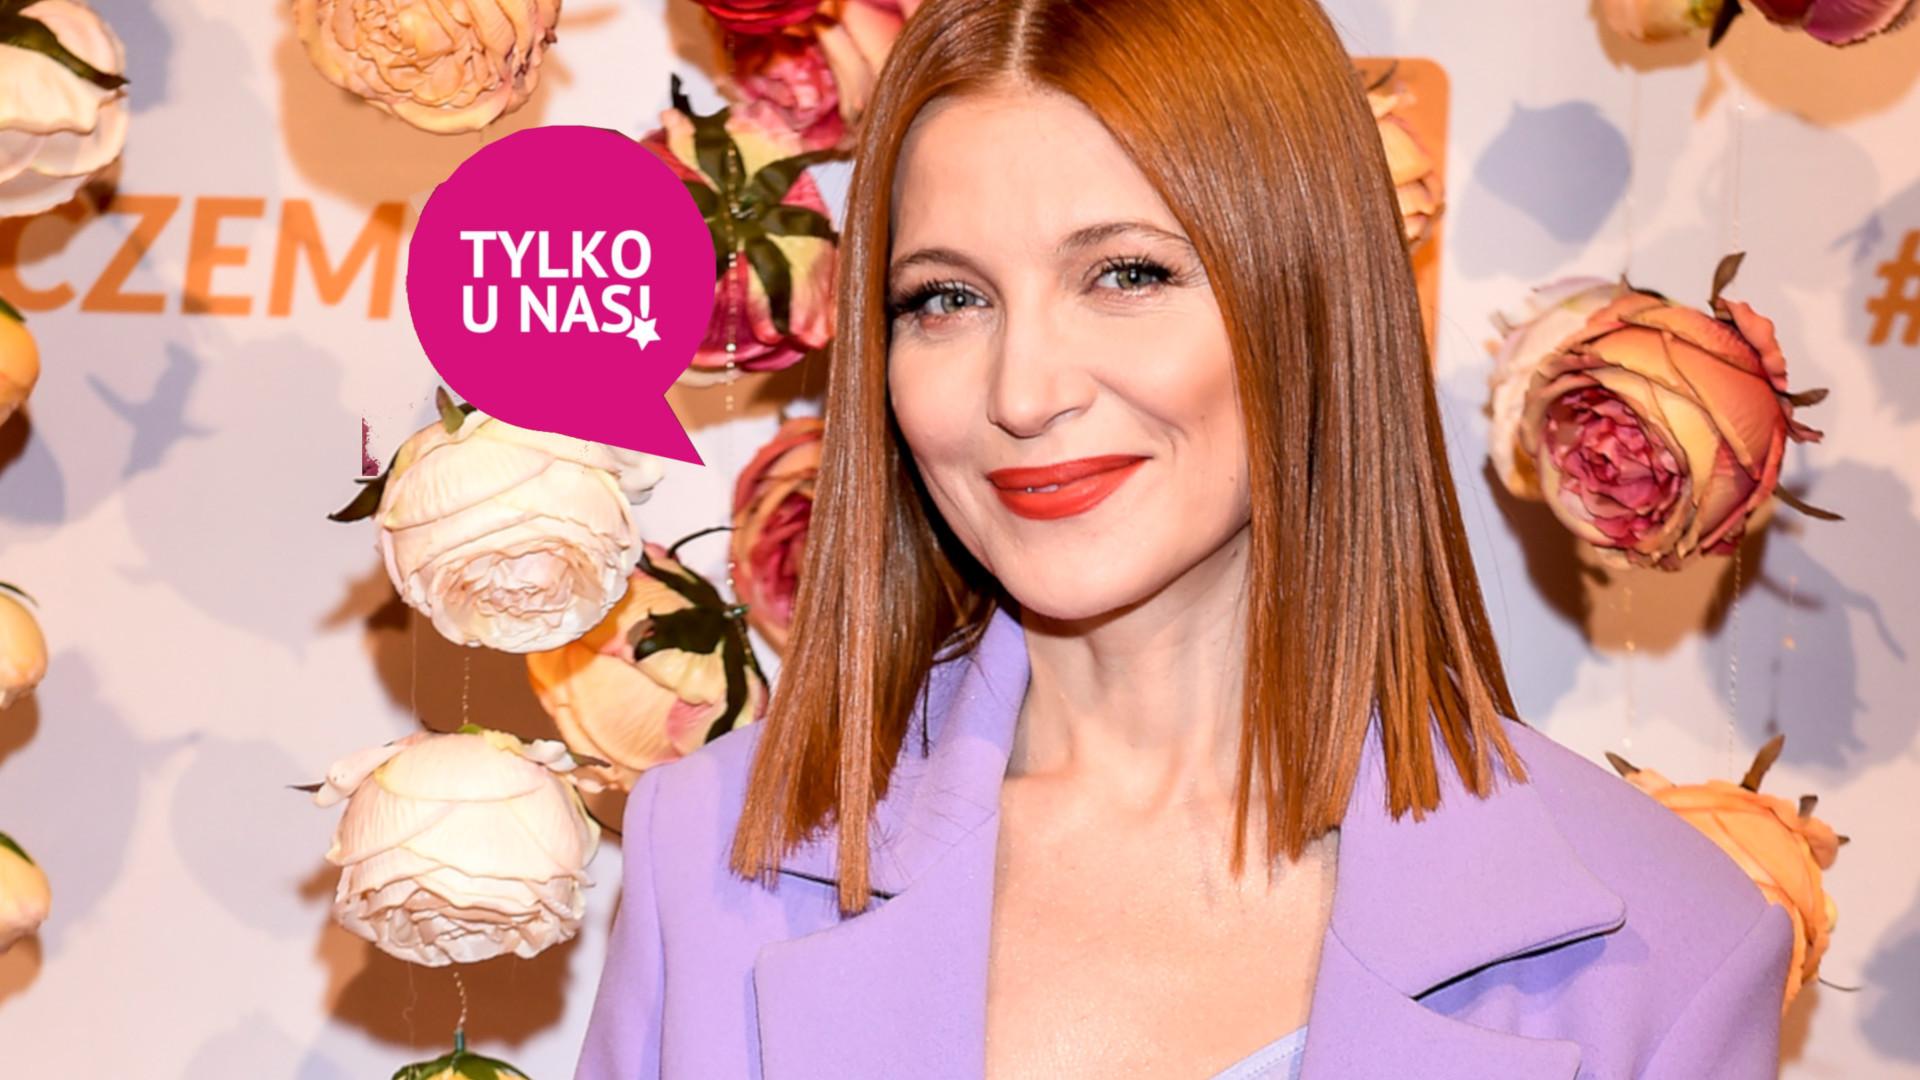 Ada Fijał o hejcie w Internecie: walczyłabym podobnie, podjęłabym kroki prawne